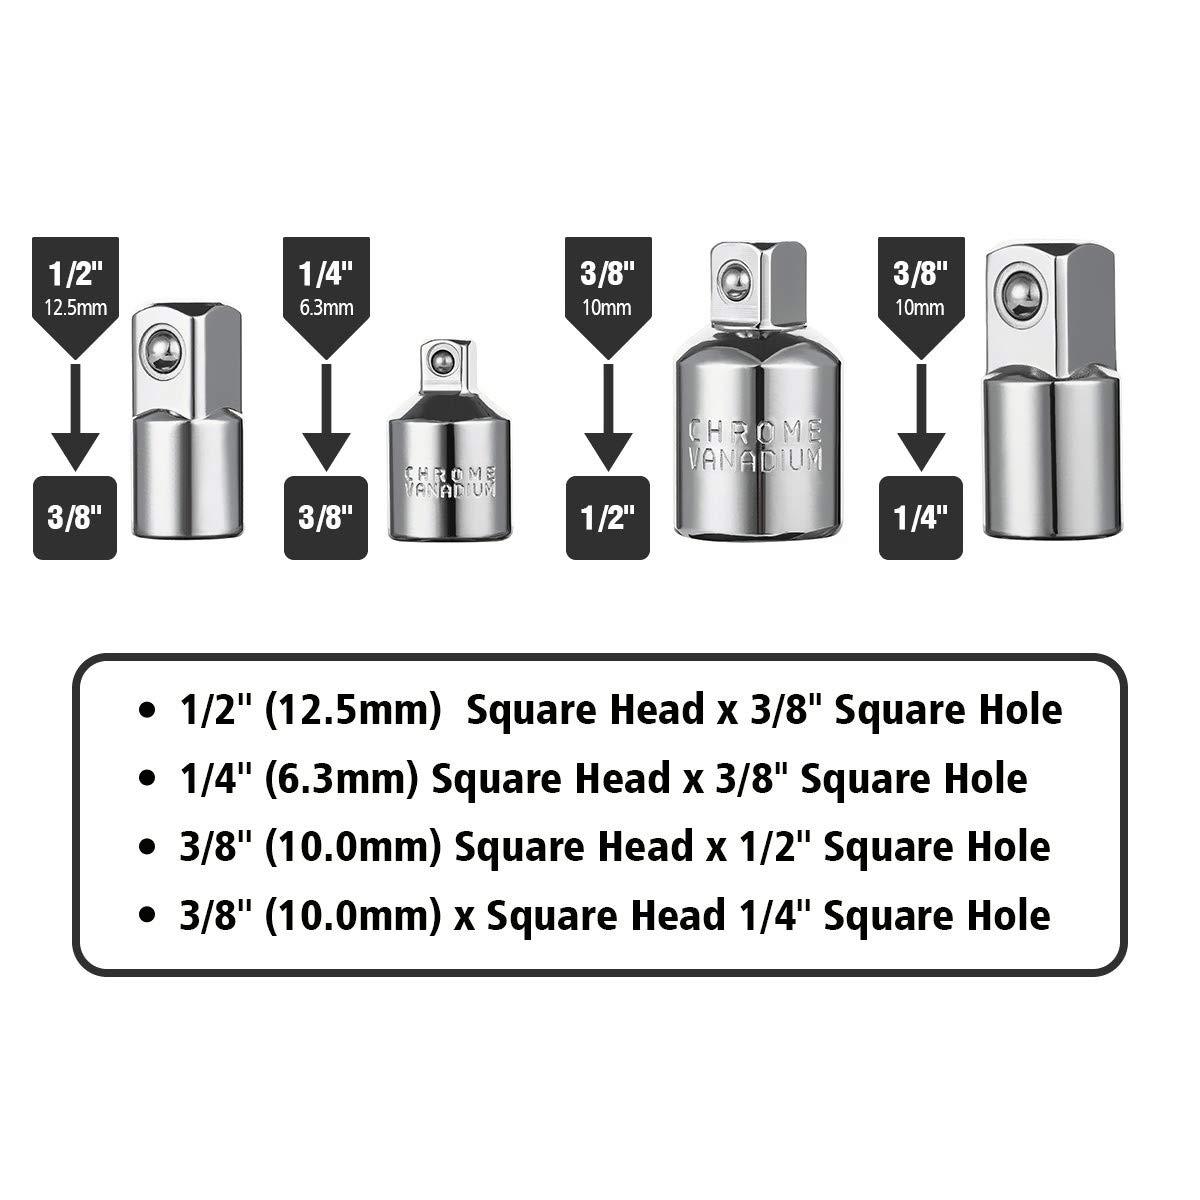 1//2 +Set con 3 Pzas de Color Aluminio adaptadores 1//4 hex-1//4-3//8 1//2 Llave de Vaso Newder Adaptador para Llave de Carraca Juego de 4 Pzas Adaptadores de 1//4 3//8